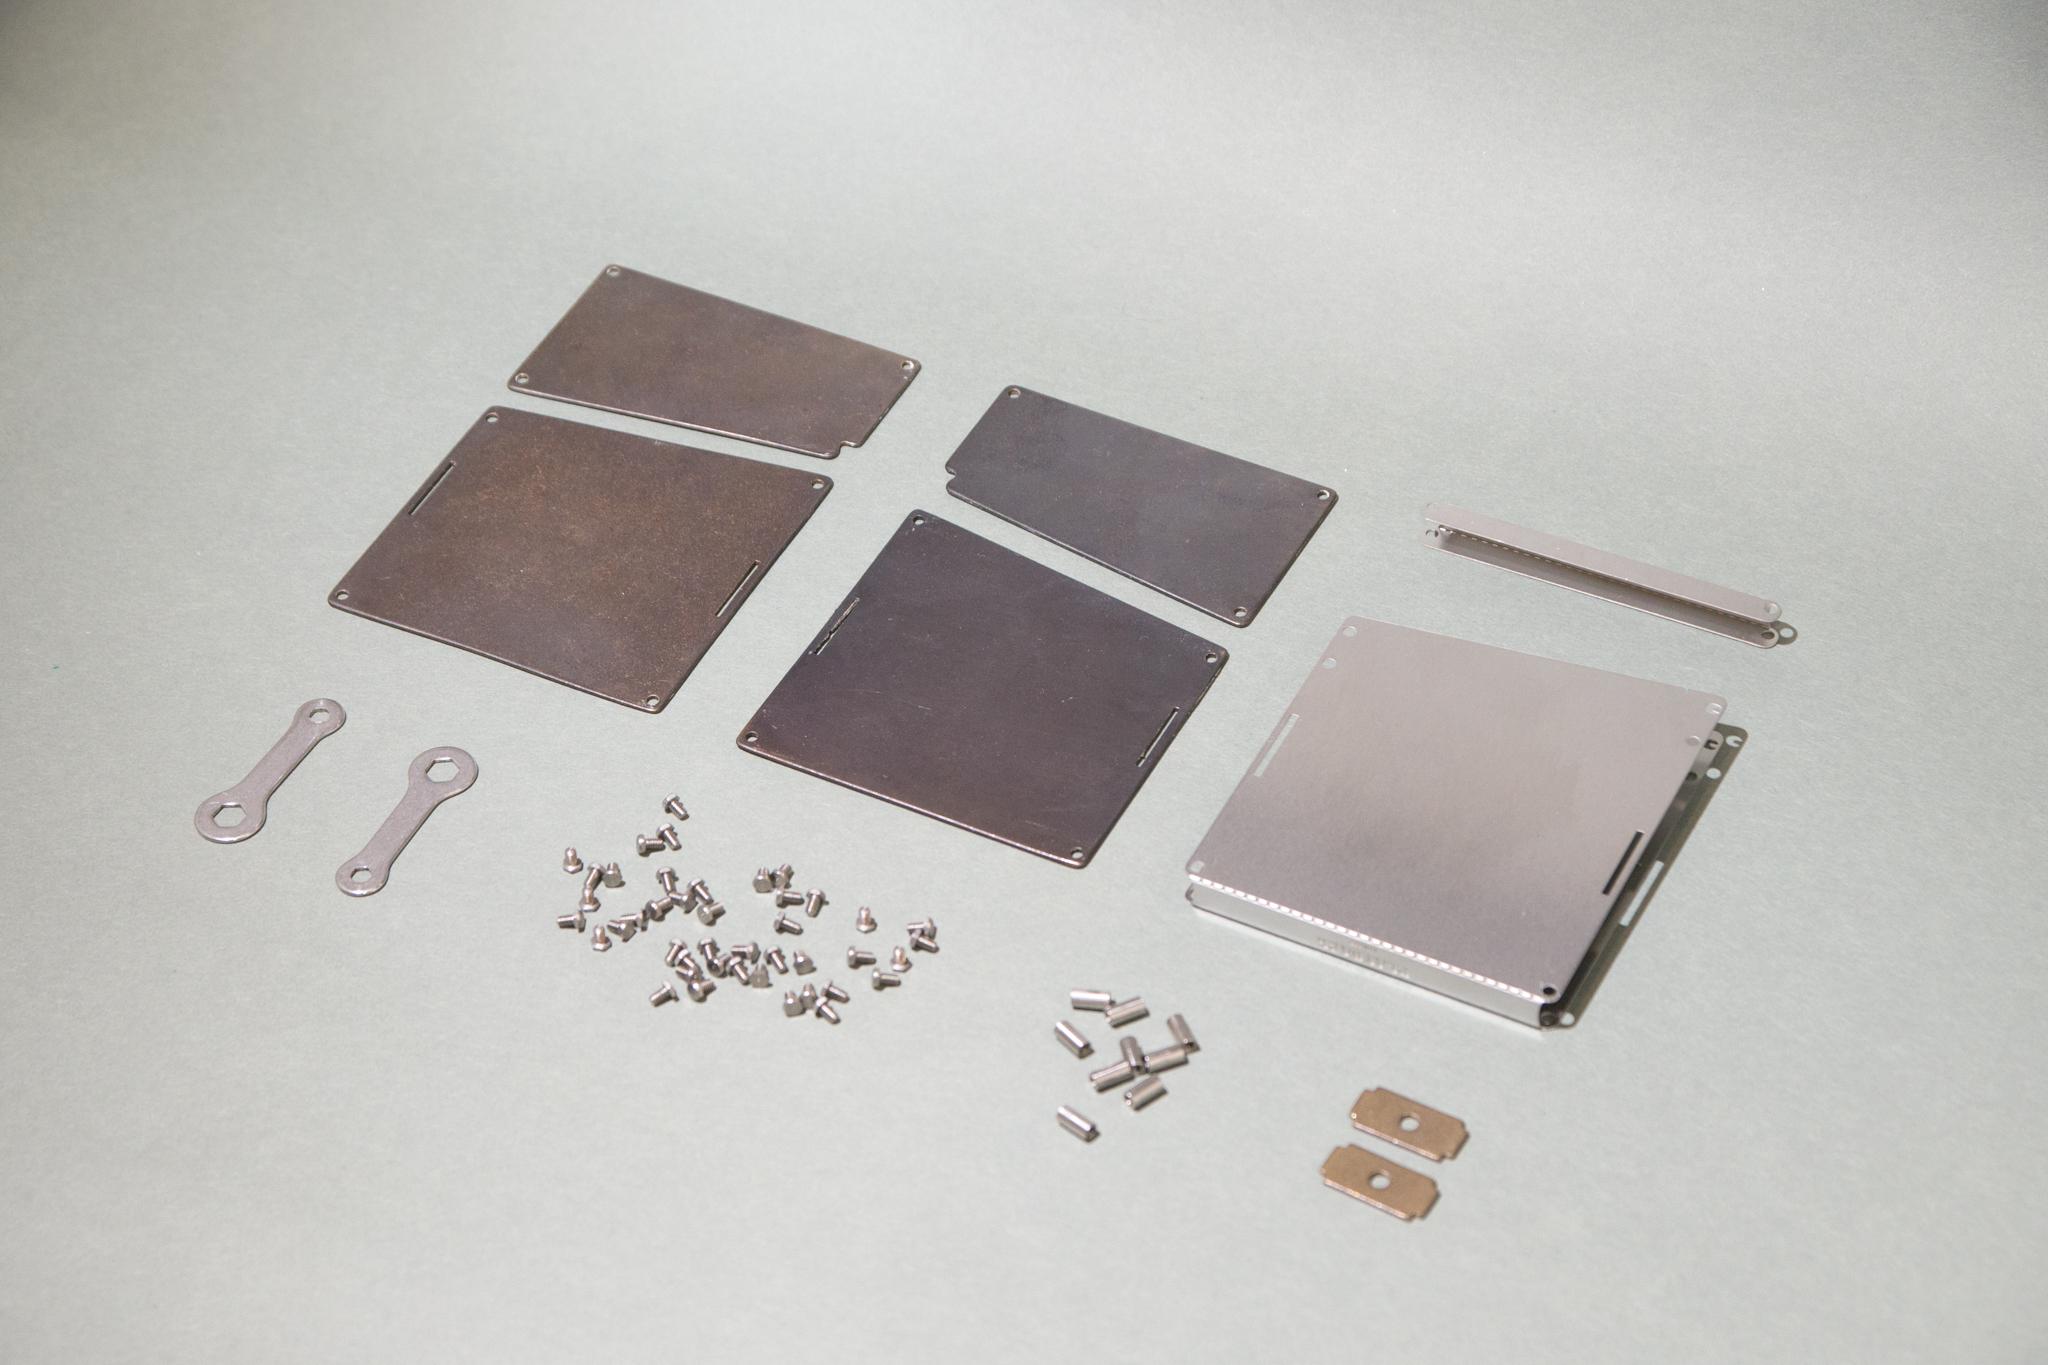 metal5-6.jpg